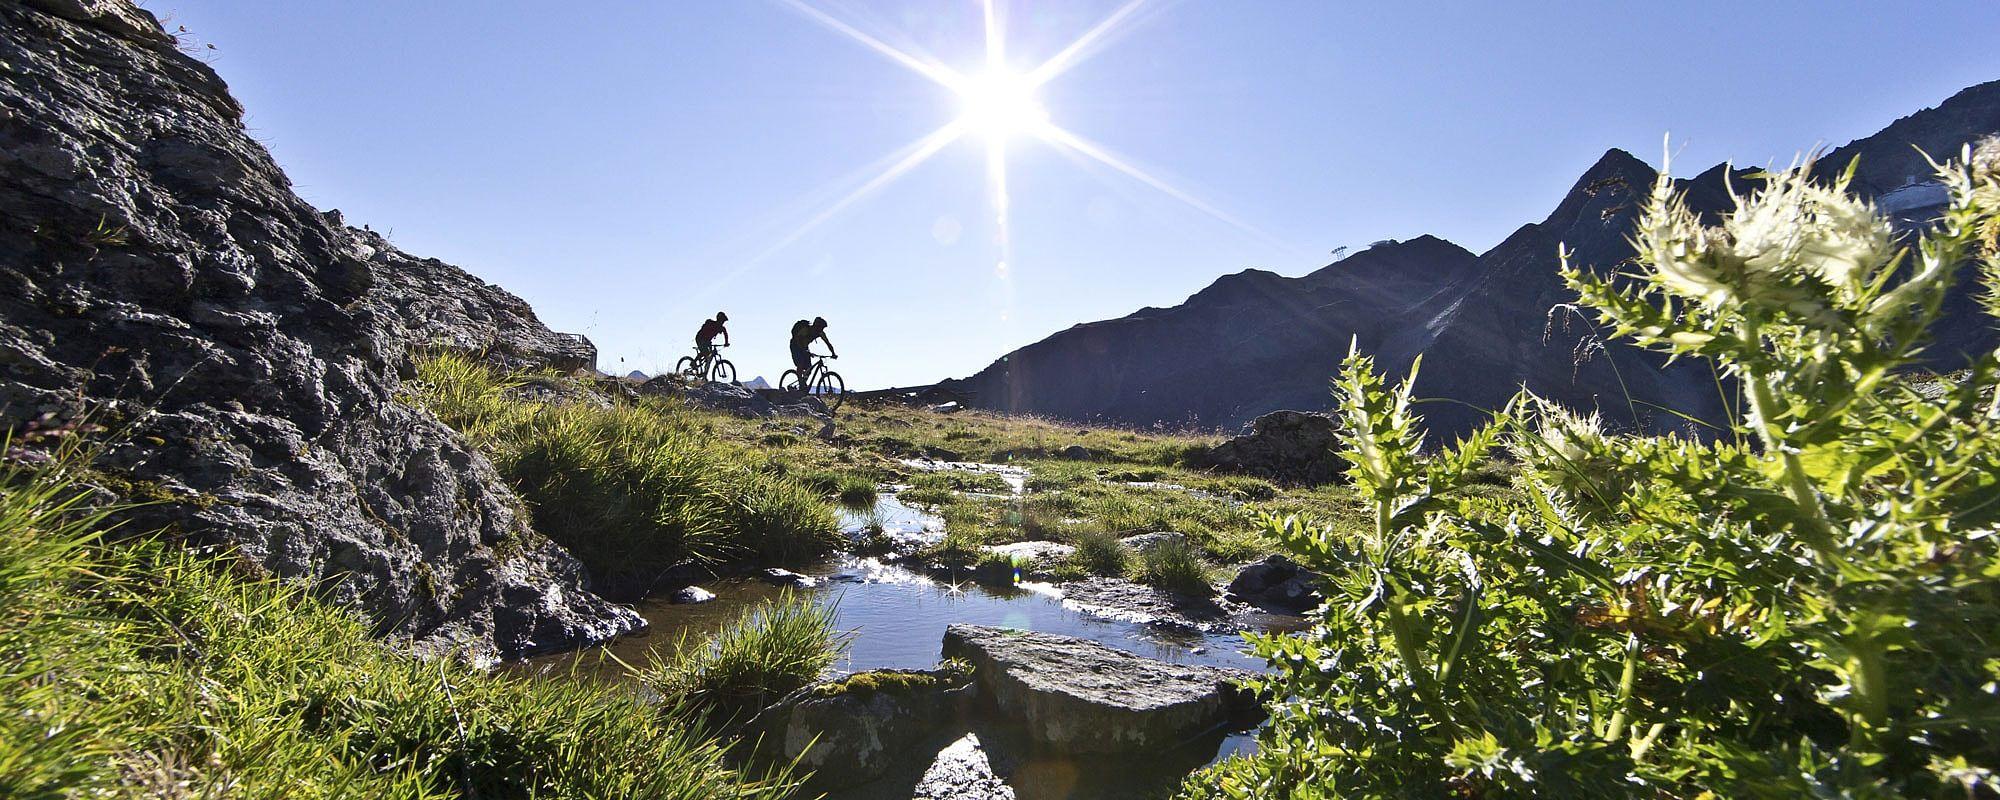 Mountainbikeurlaub Sölden